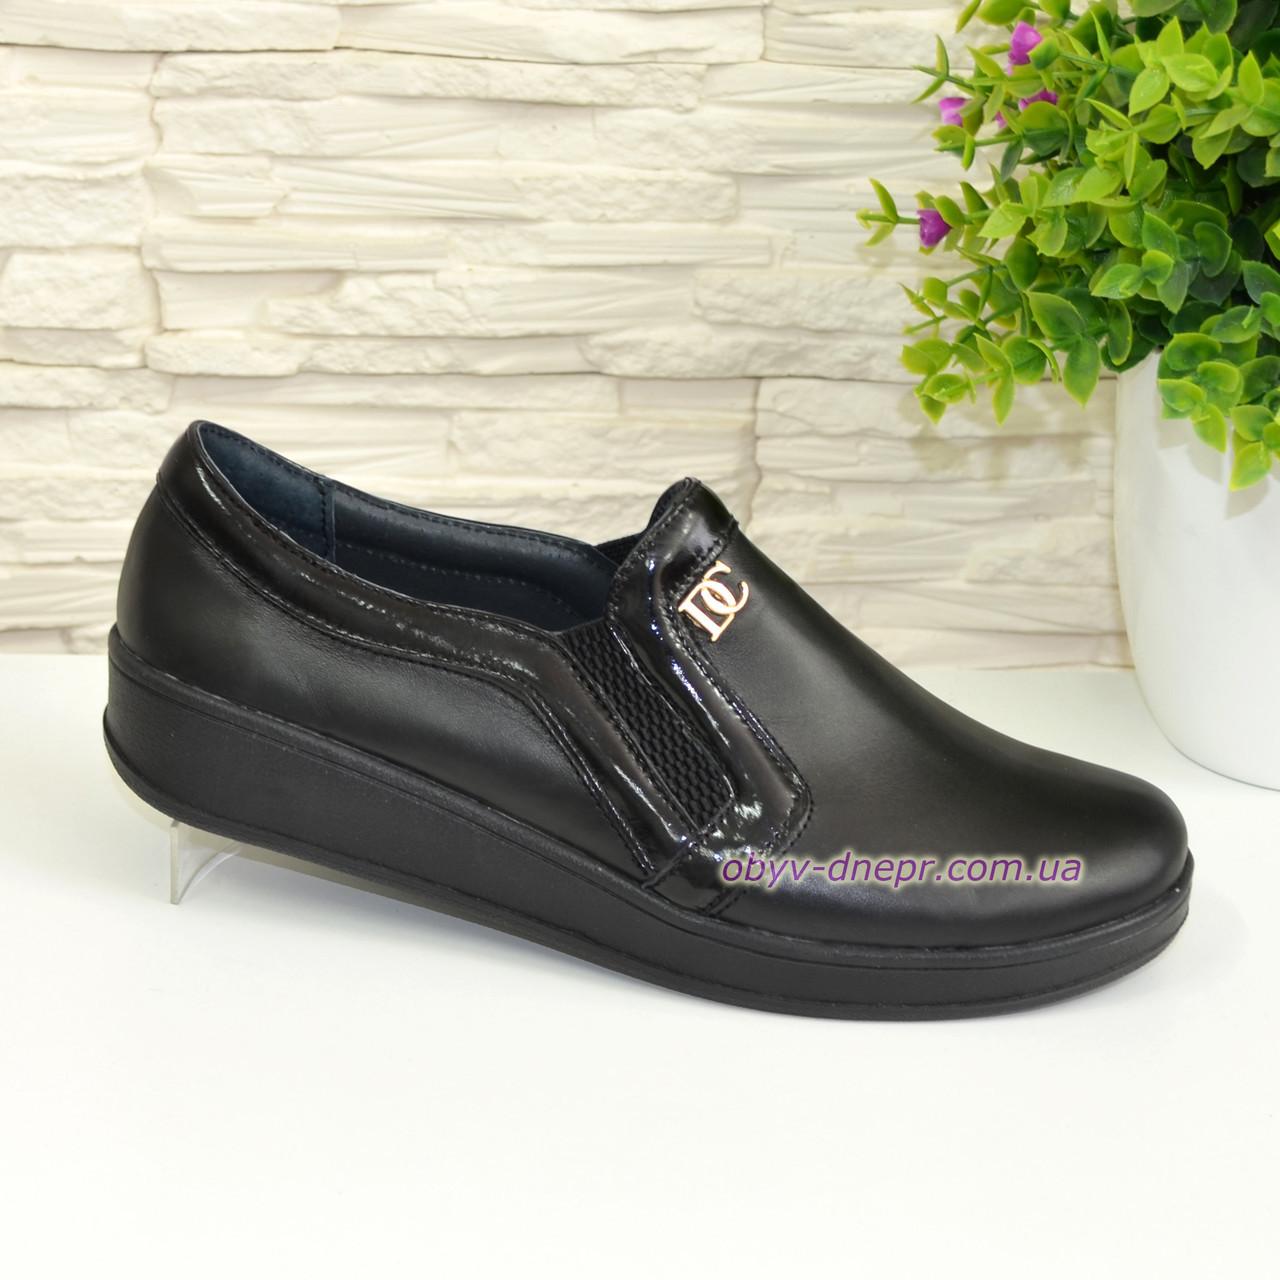 Кожаные черные женские туфли на утолщенной подошве, фото 1